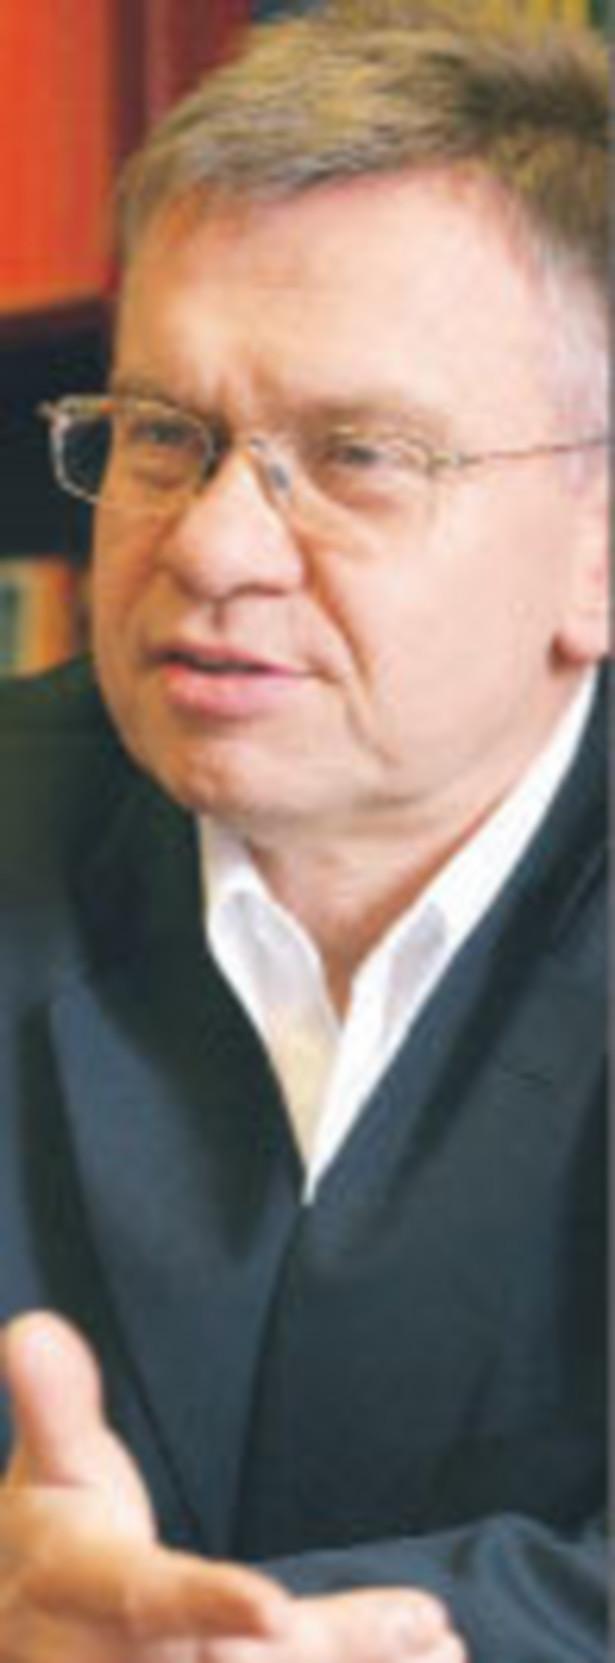 Michał Tomczak, adwokat, były szef Wydziału Dyscypliny PZPN